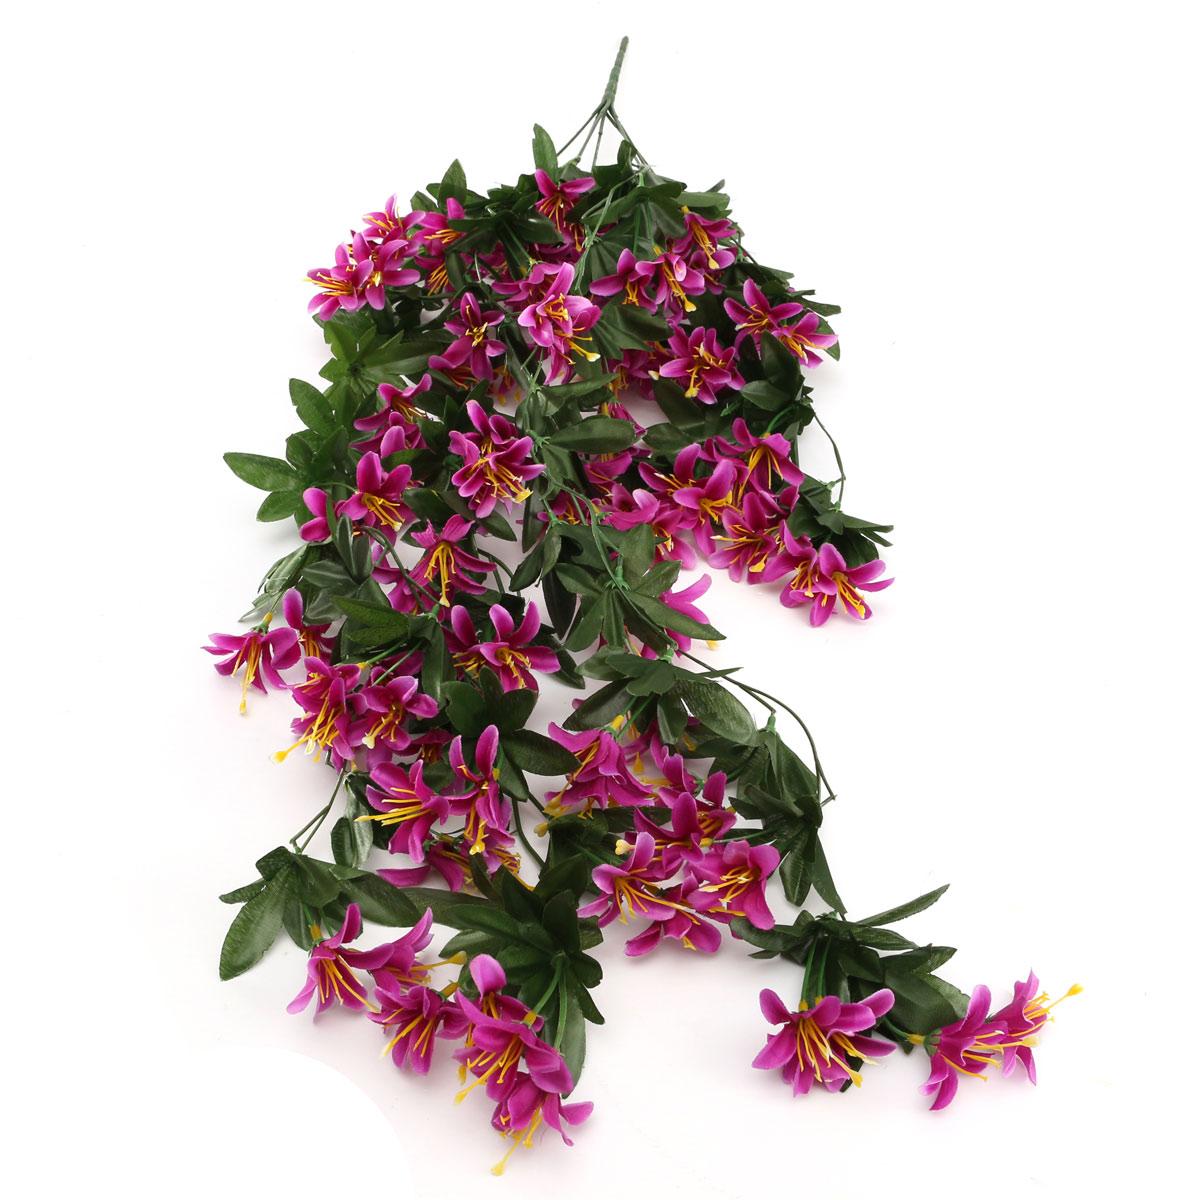 bouquet fleur artificielle plante suspension maison jardin d cor guirlande lilas ebay. Black Bedroom Furniture Sets. Home Design Ideas